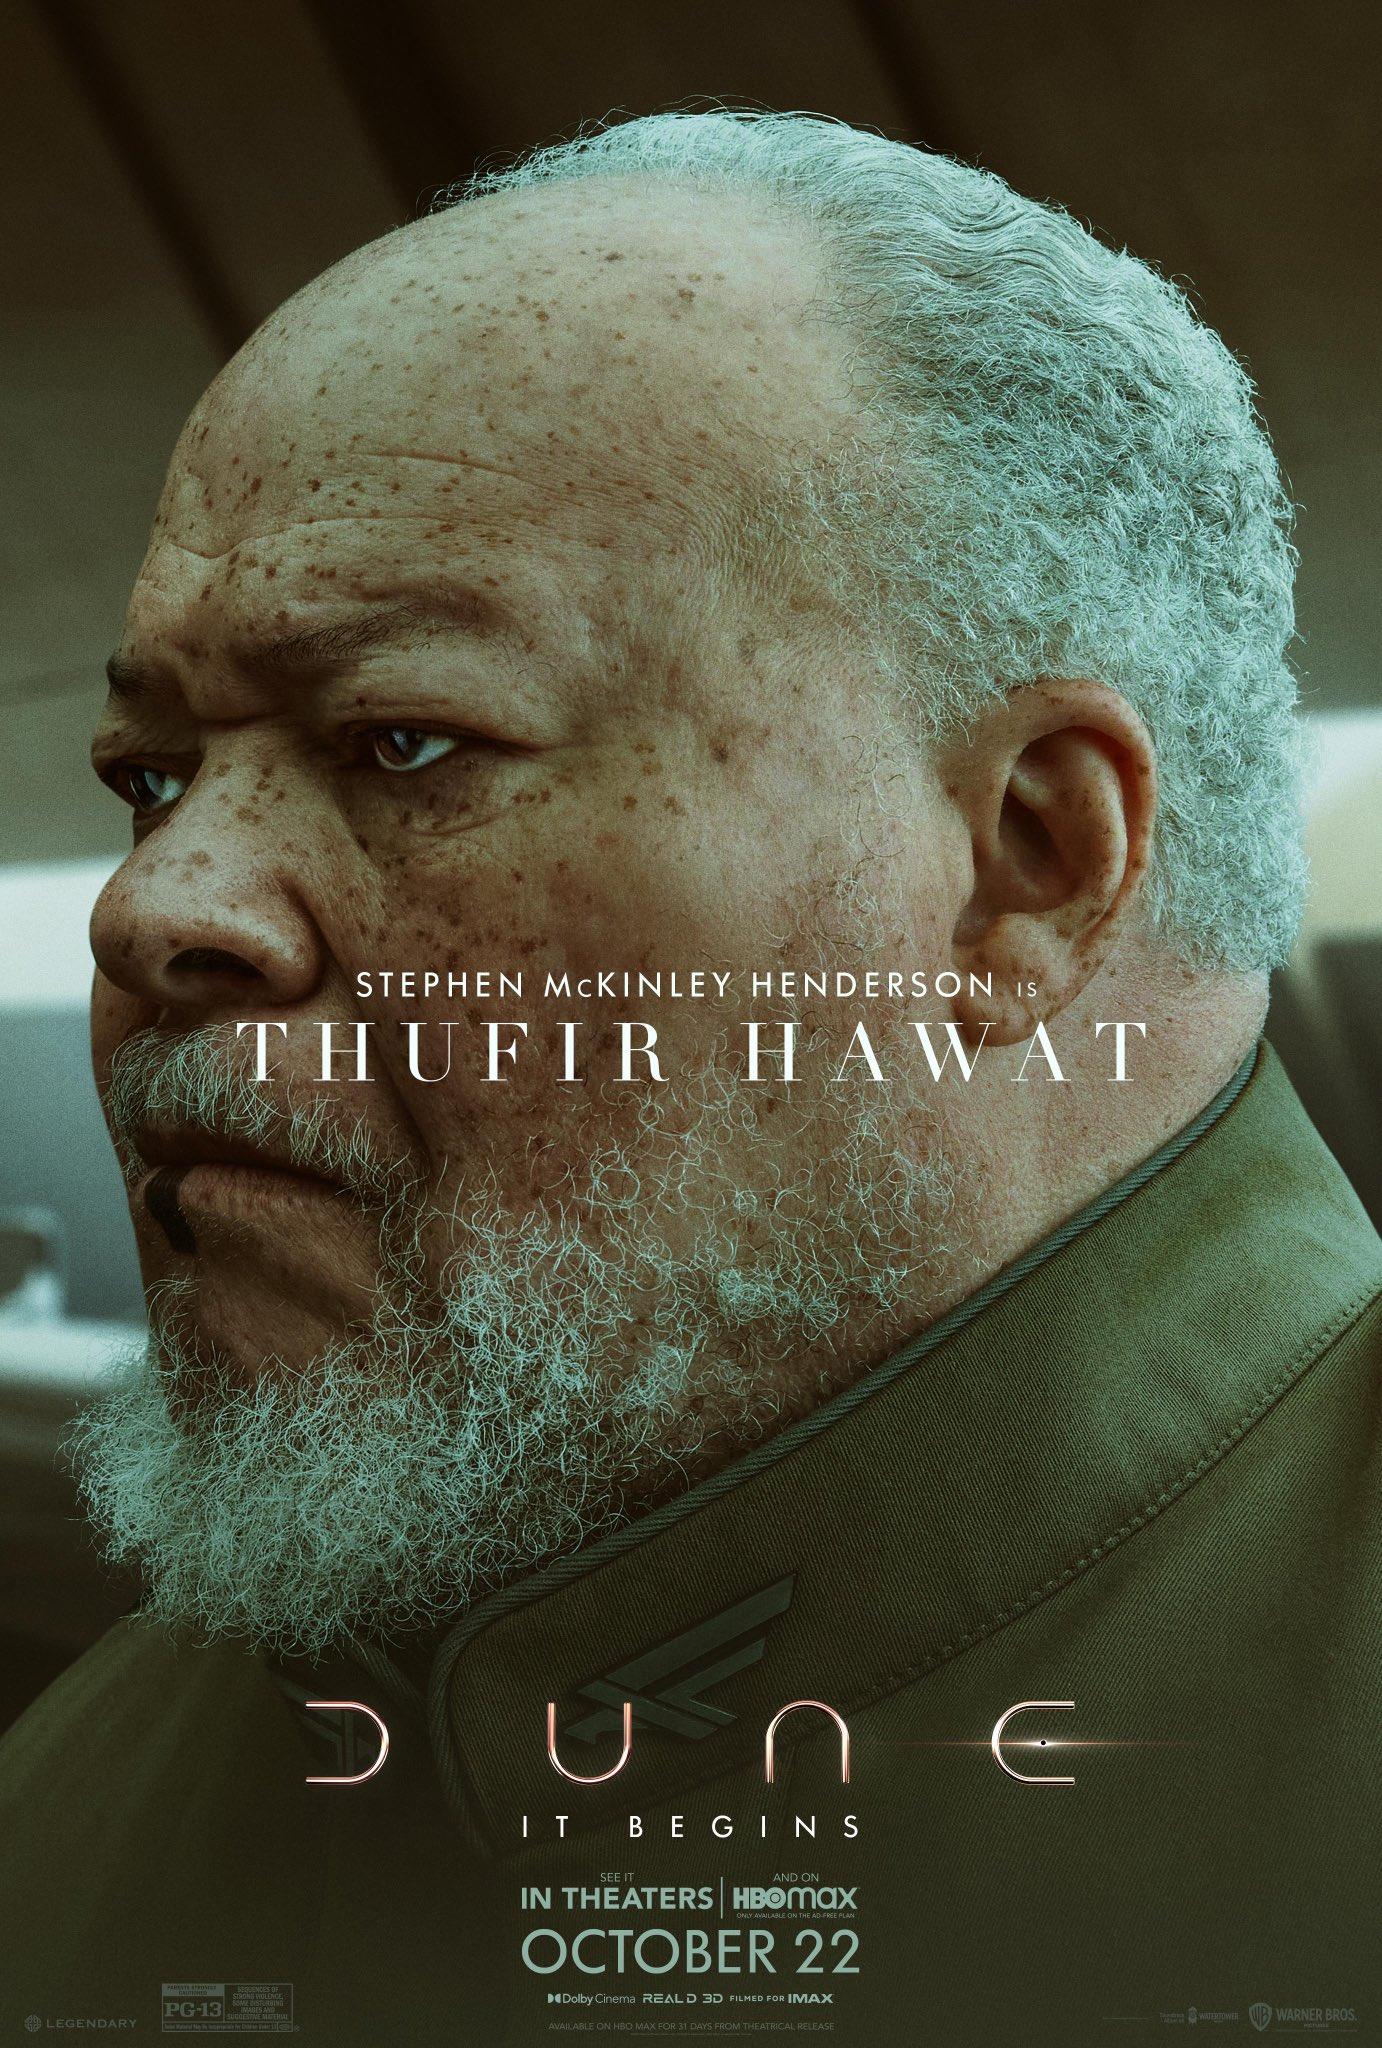 Dune Film Trailer & Poster 11